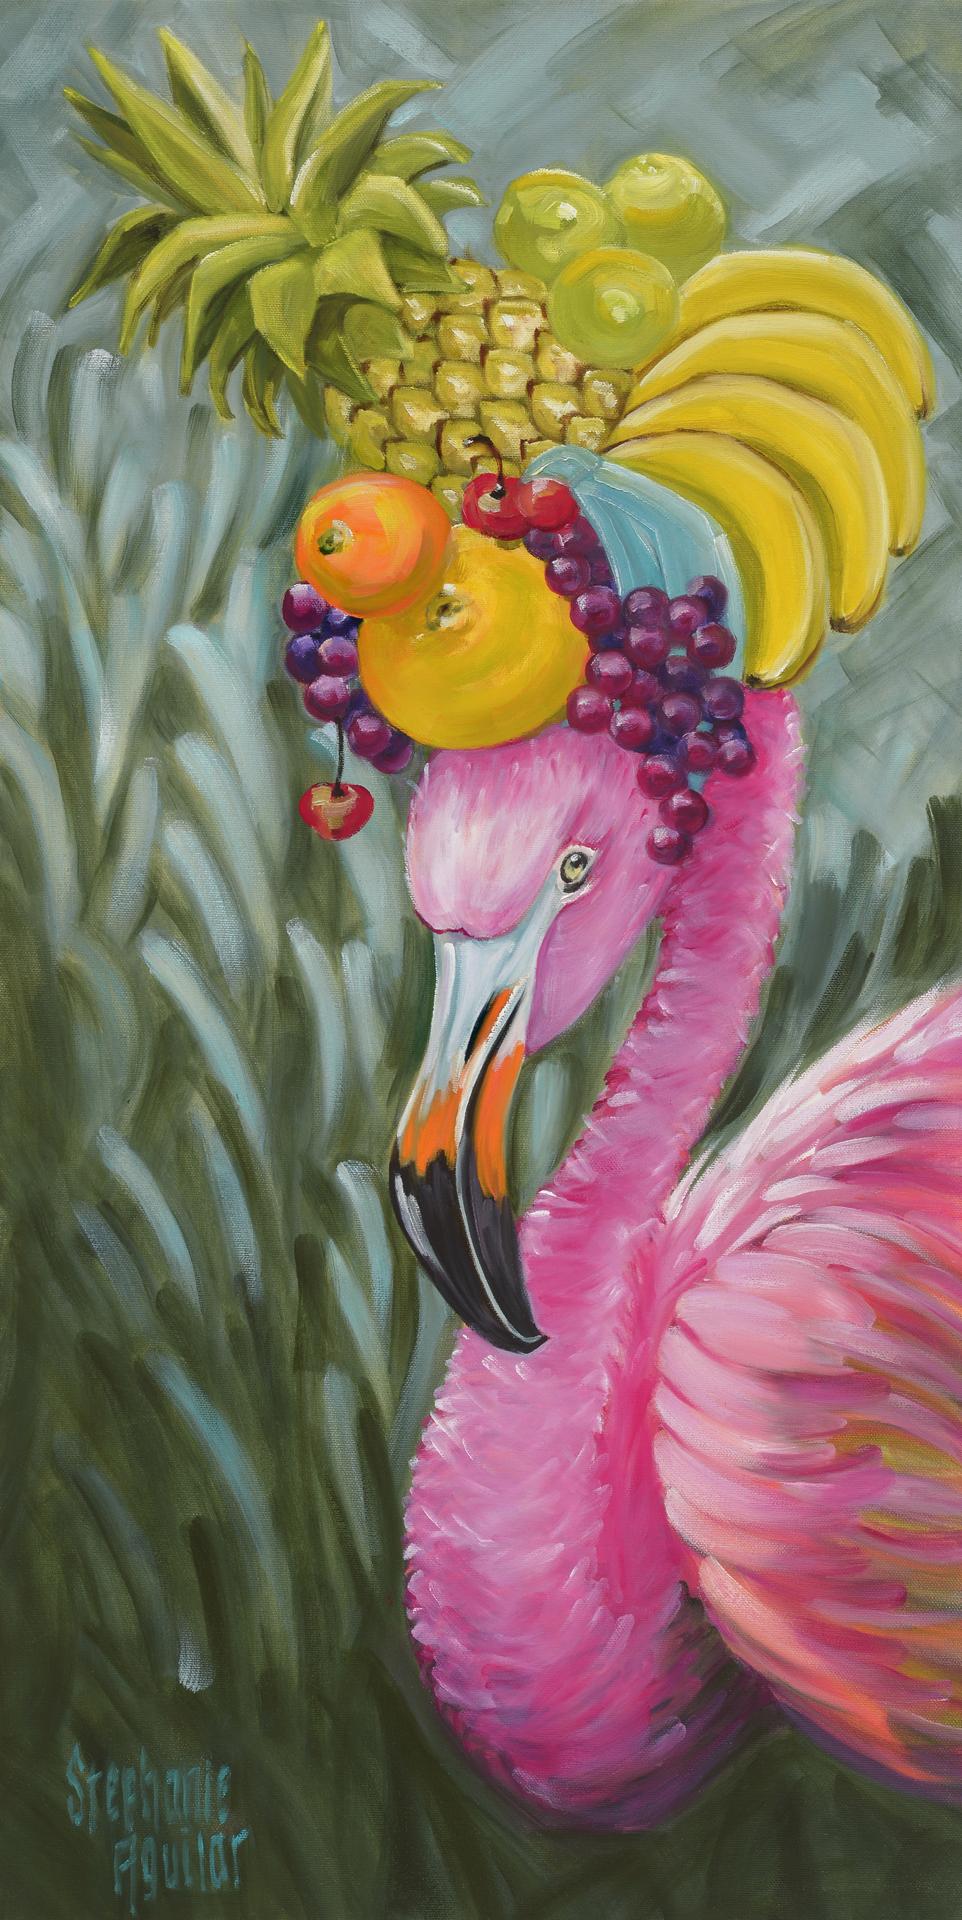 Flamingo with Fruit Basket, 2017